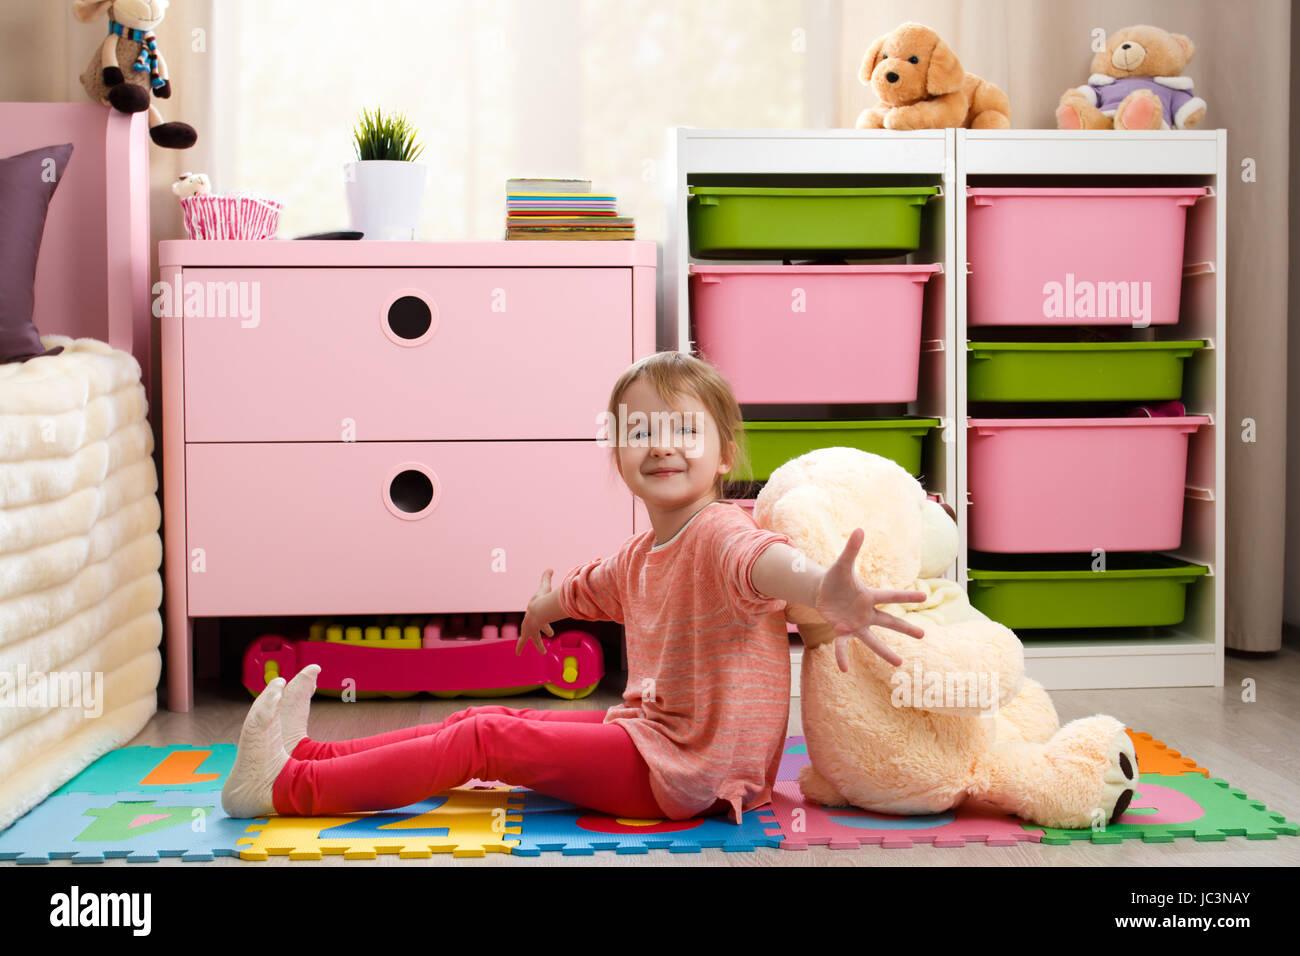 Carino bambina con un grosso orso di peluche seduto sul pavimento nella stanza dei bambini Immagini Stock